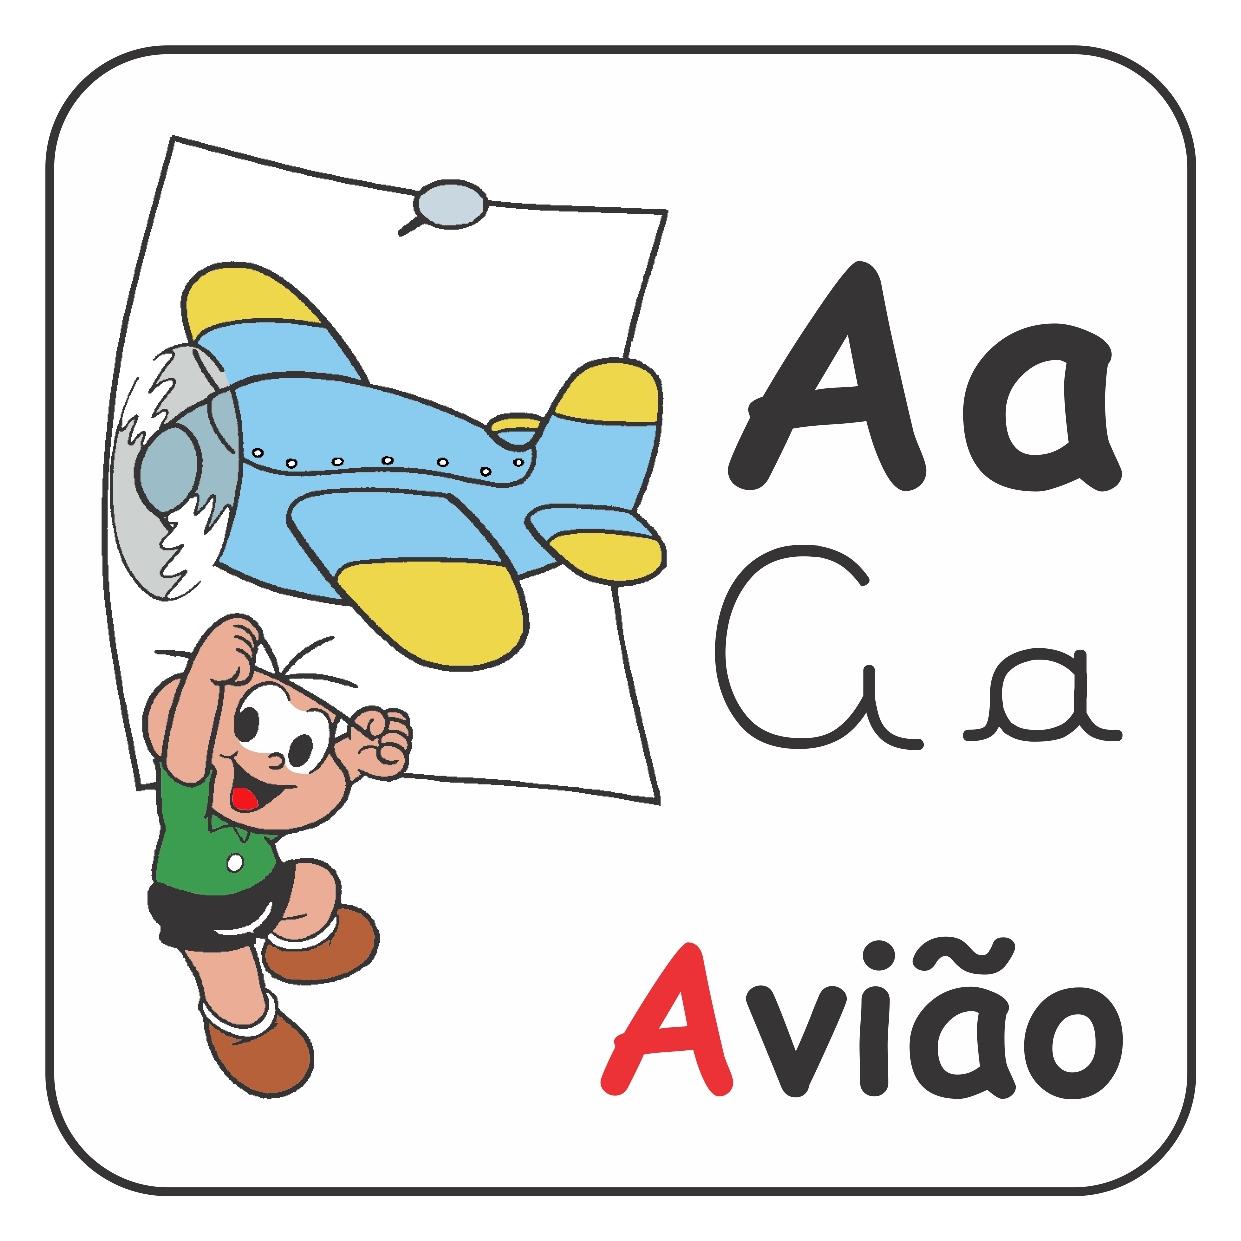 Alfabeto ilustrado da Turma da Mônica – Letra A